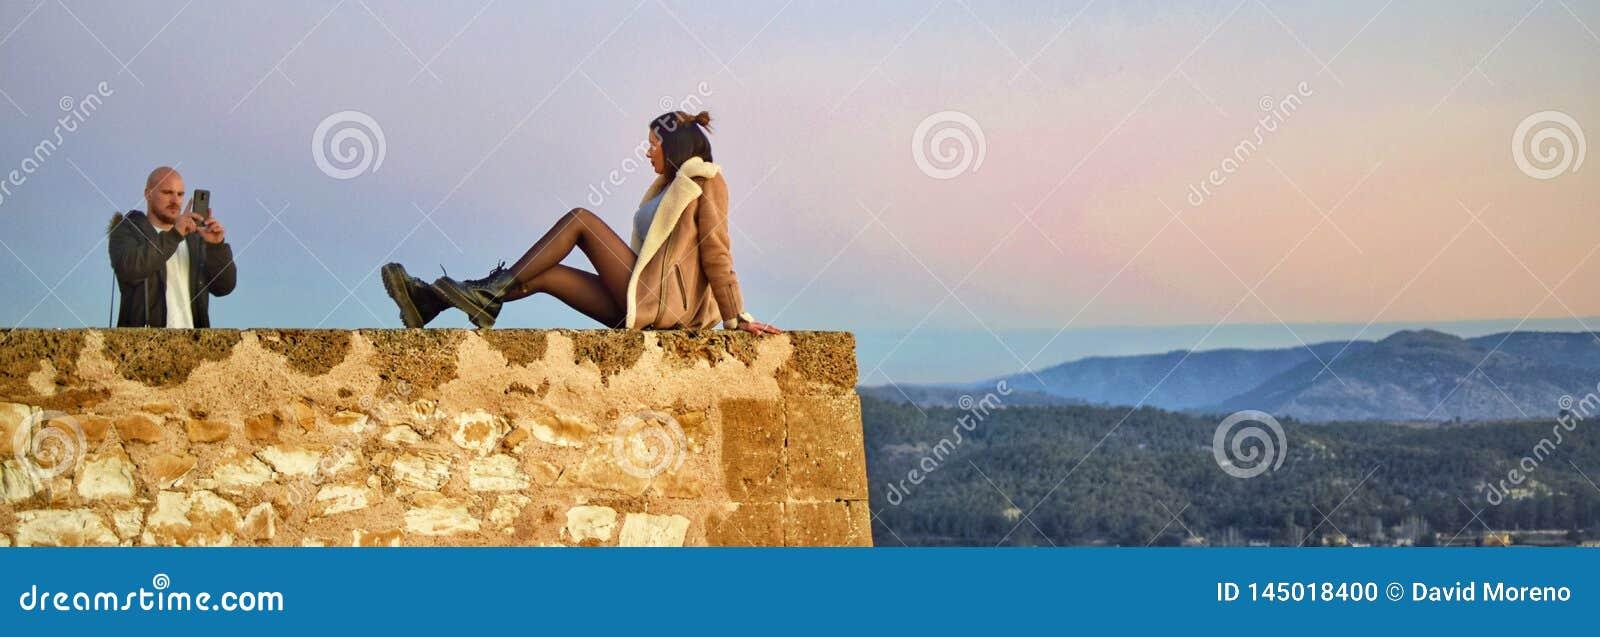 Туристские пары принимая фото на пропасти замка Caravaca в Испании